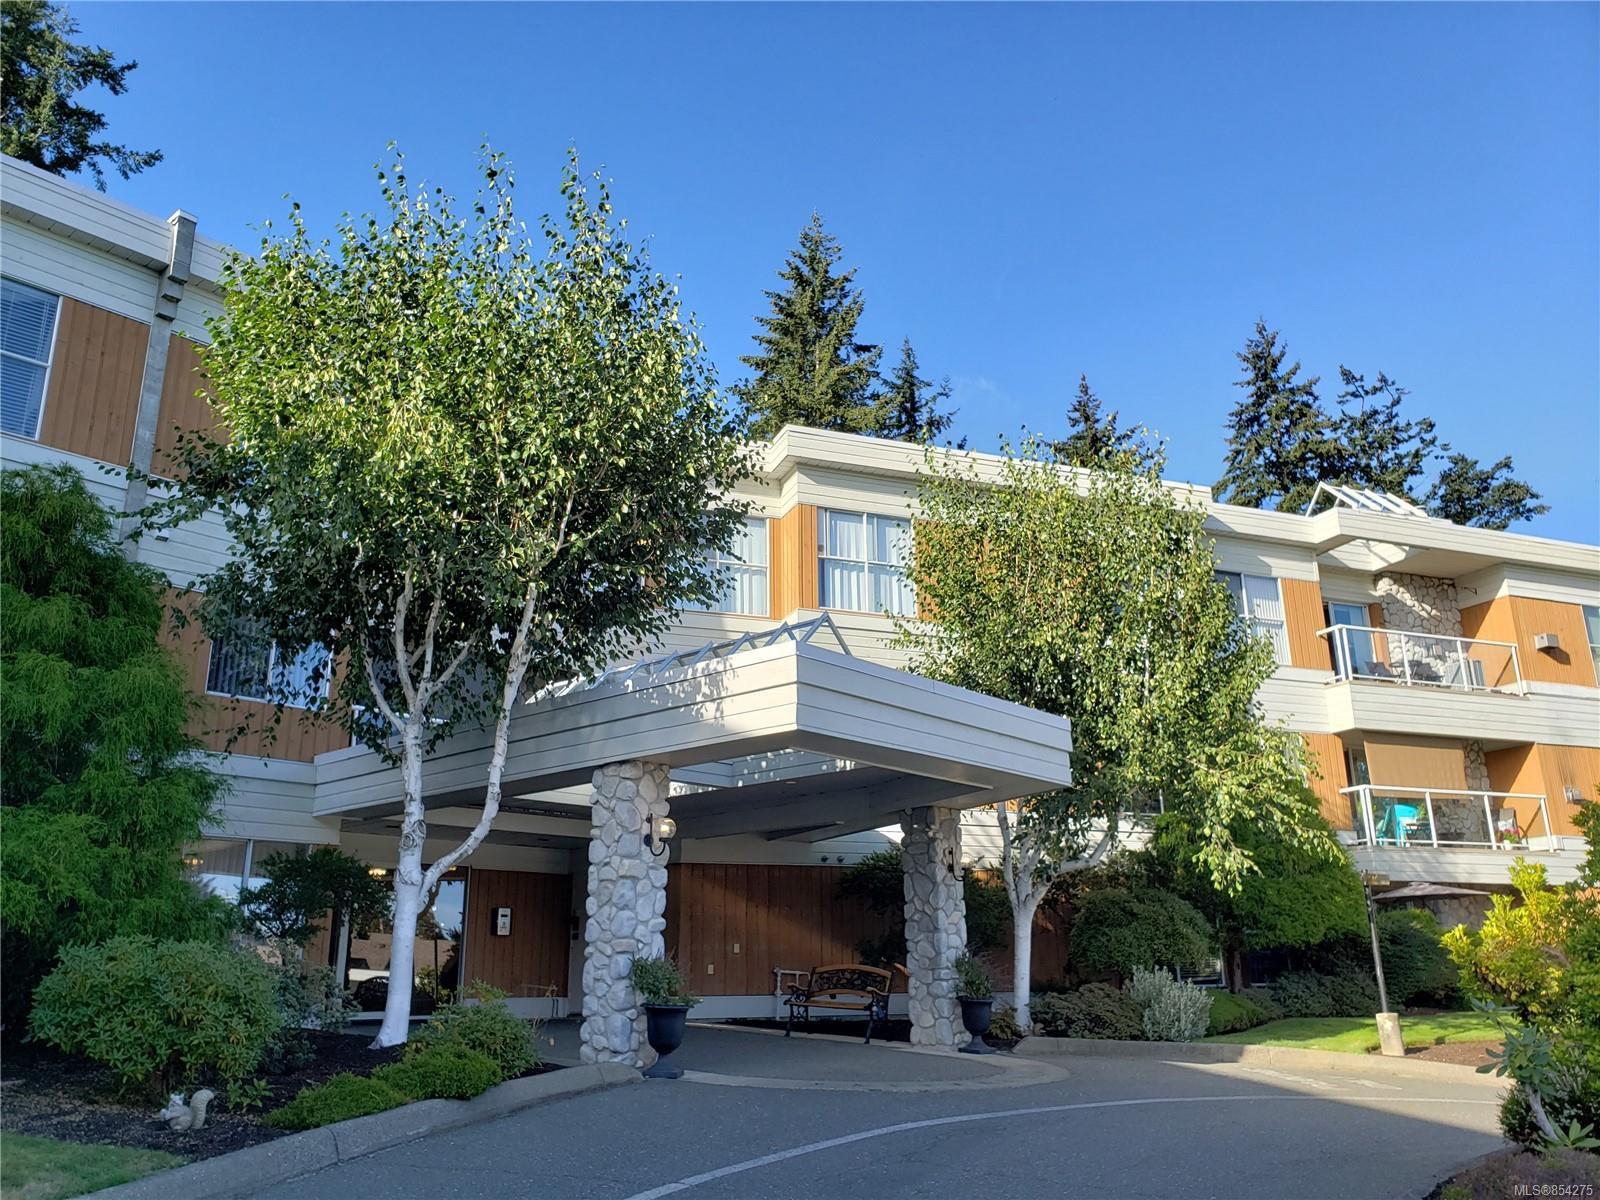 Main Photo: 206 1686 Balmoral Ave in : CV Comox (Town of) Condo for sale (Comox Valley)  : MLS®# 854275